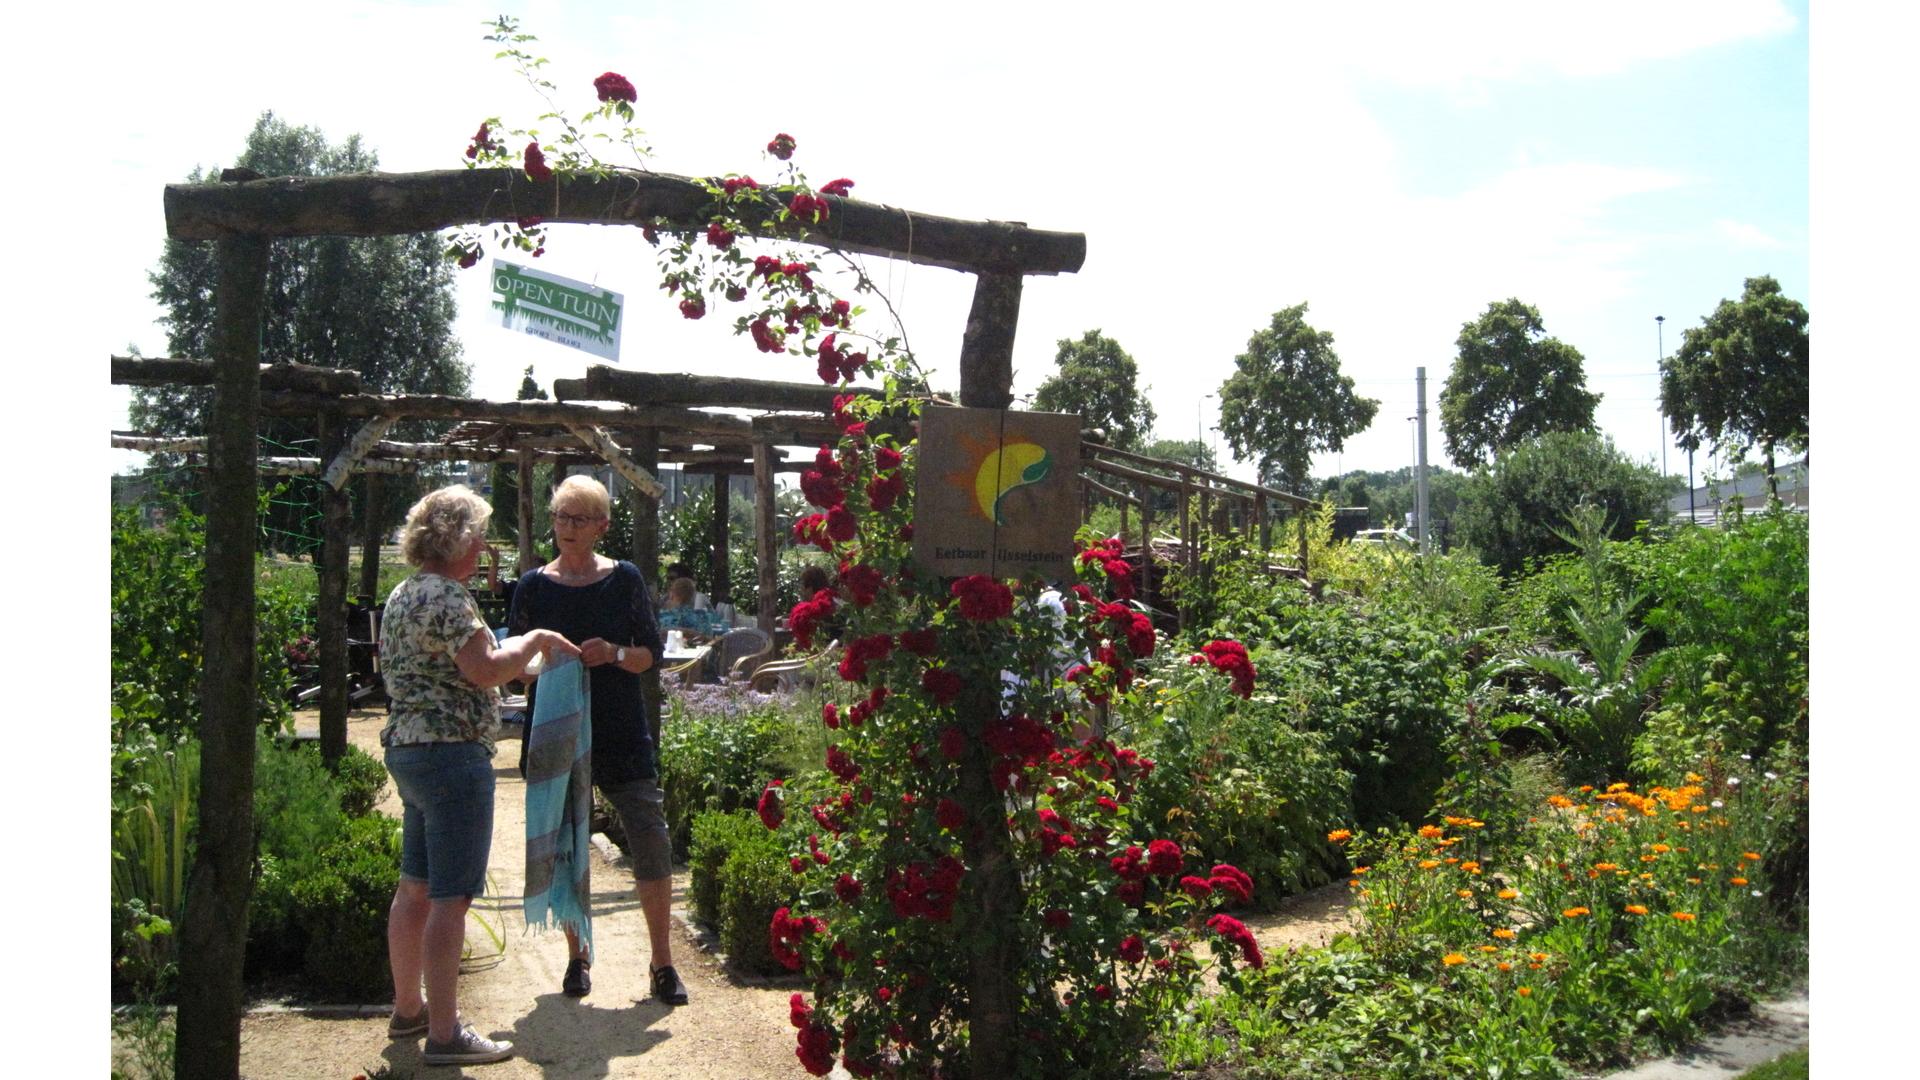 Eetbaar IJsselstein, Hooghe Camp tuin, tuinieren, natuur, IJsselstein, weidebloemen, open tuinendag